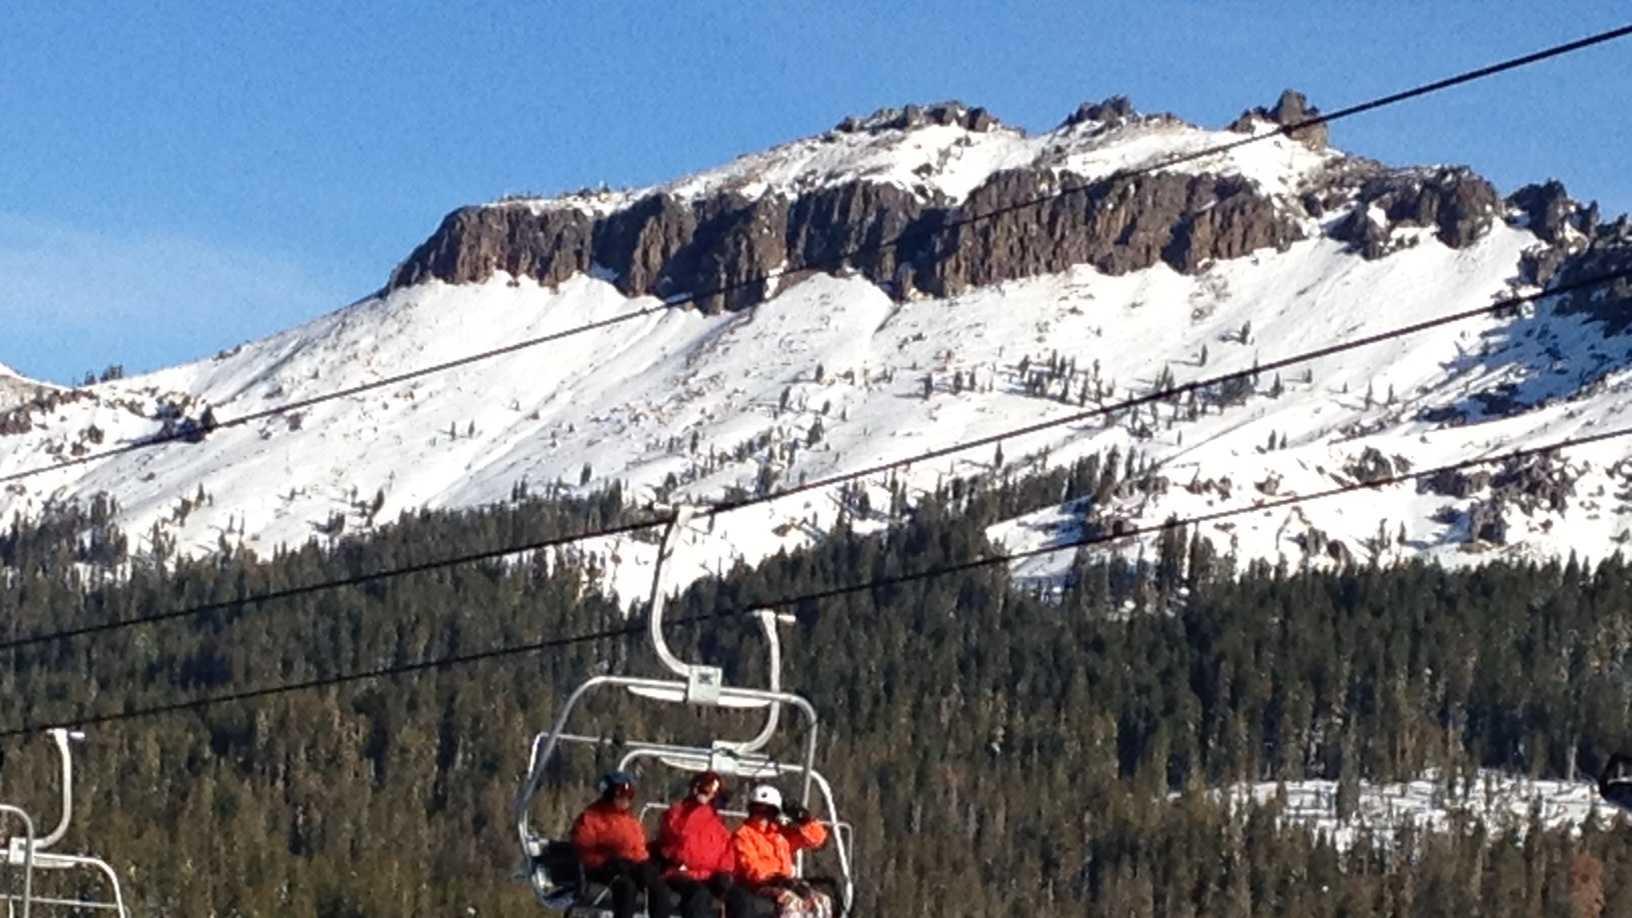 Skiing at Boreal